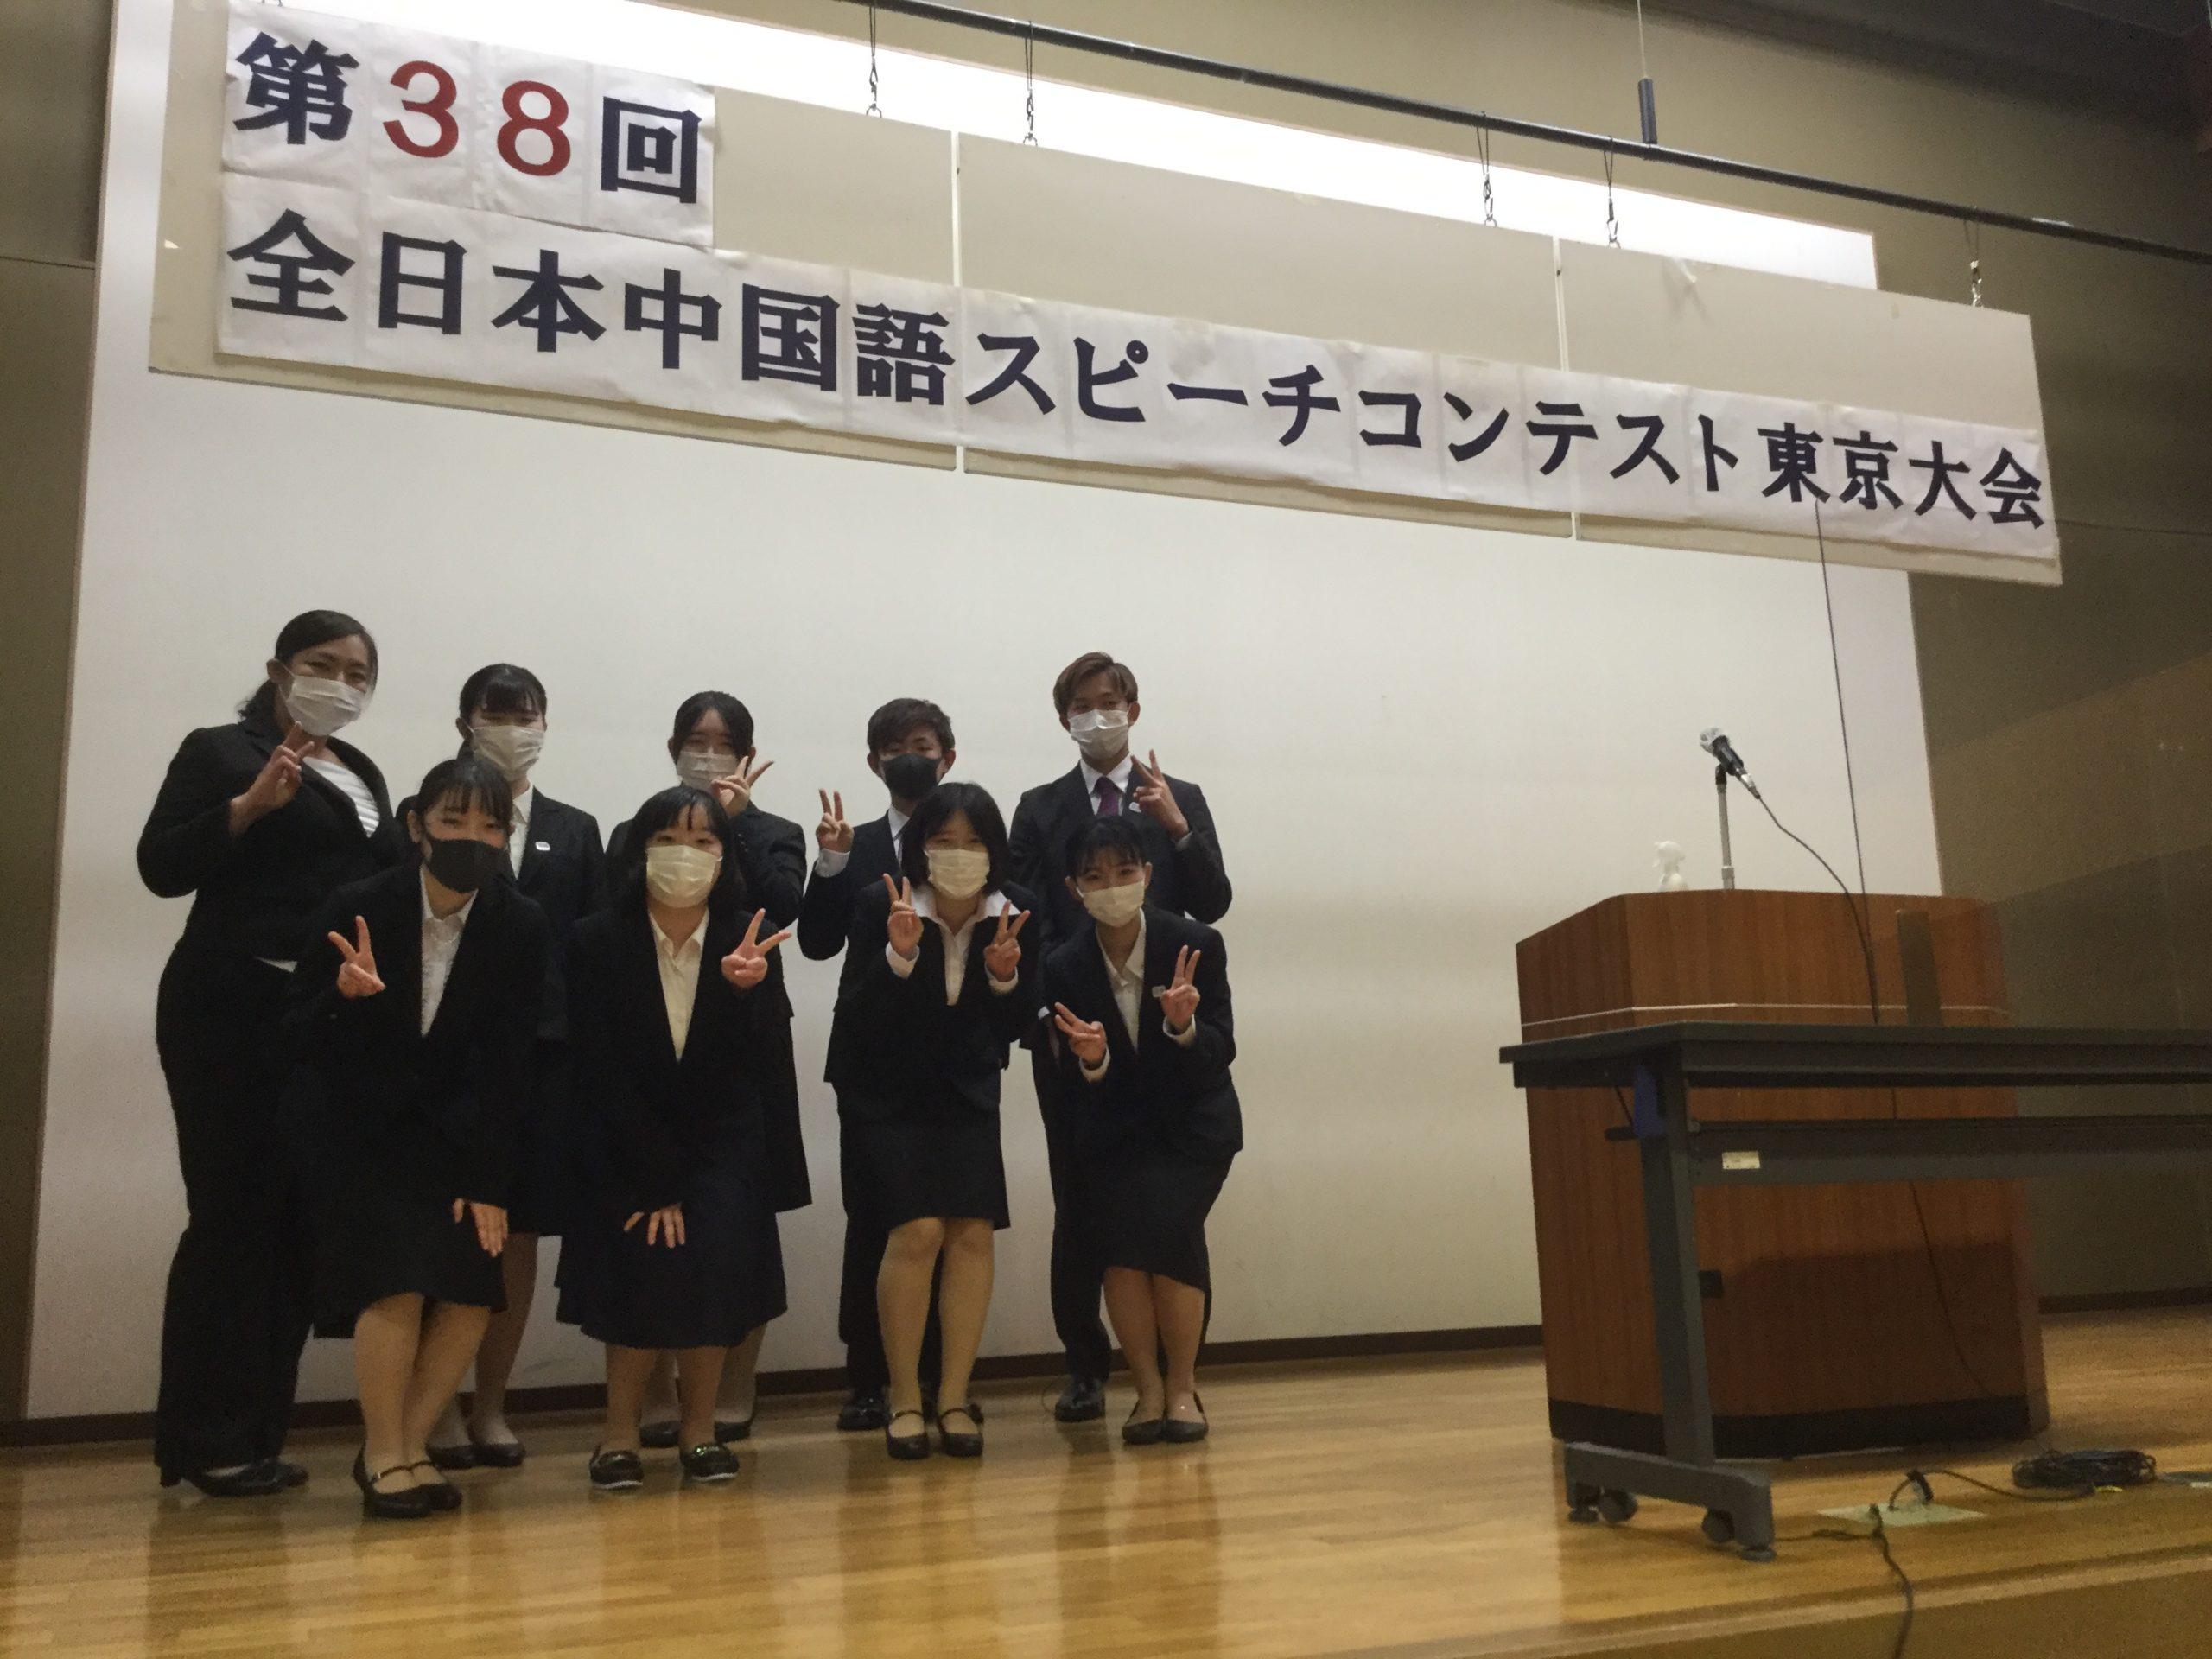 第38回全日本中国語スピーチコンテスト東京大会で最優秀賞を受賞